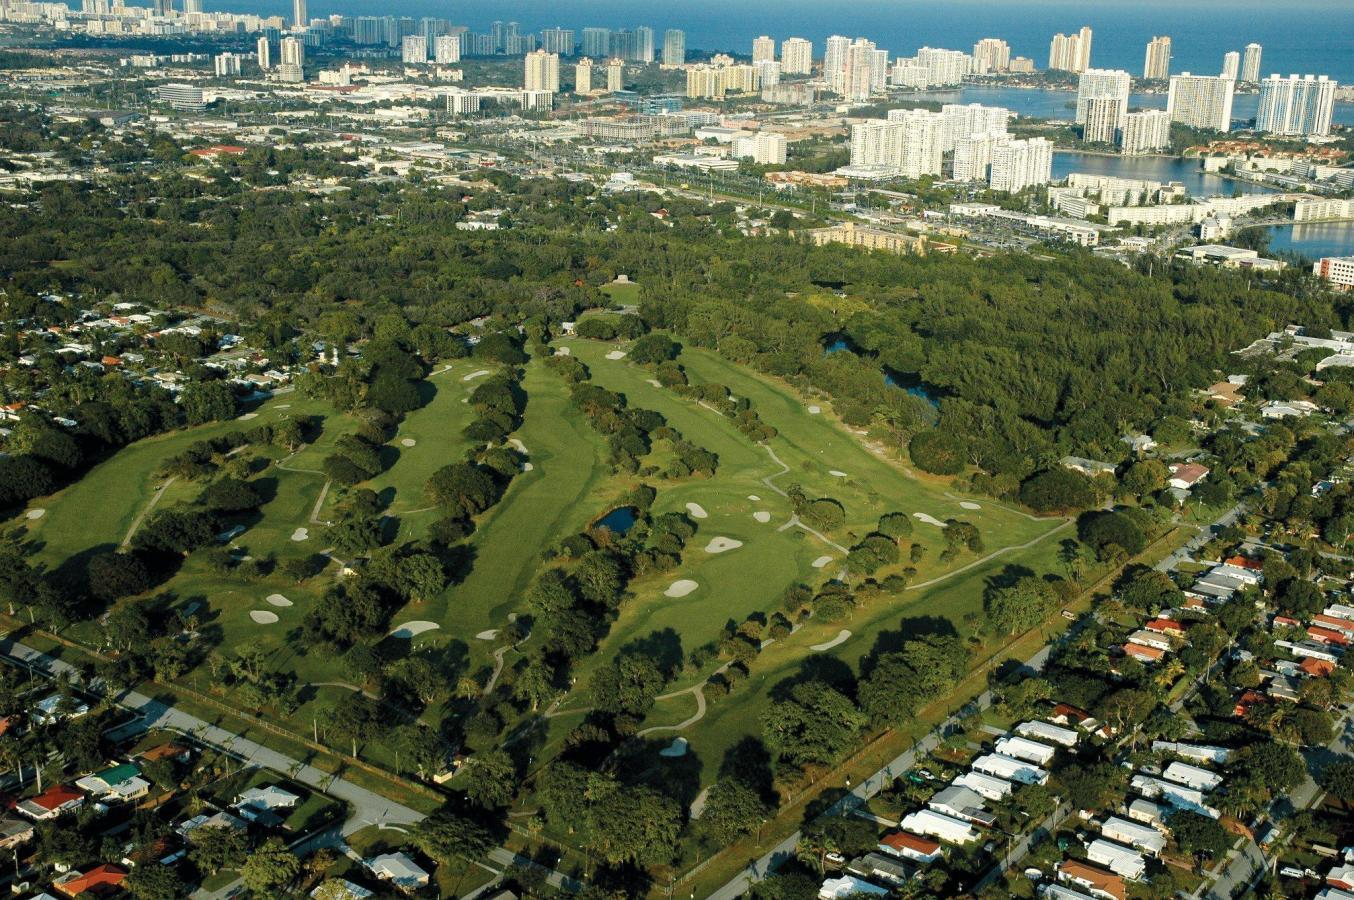 Greynold Golf Course